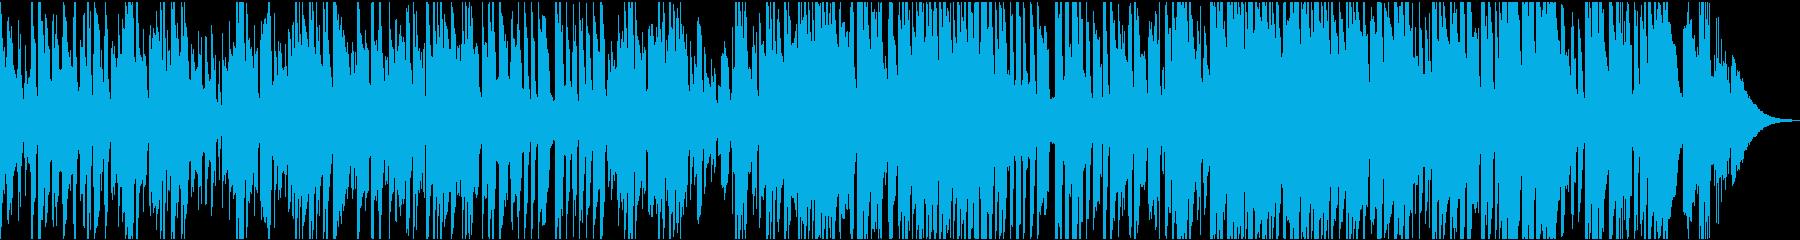 バサノバ 広い 壮大 さわやかな ...の再生済みの波形